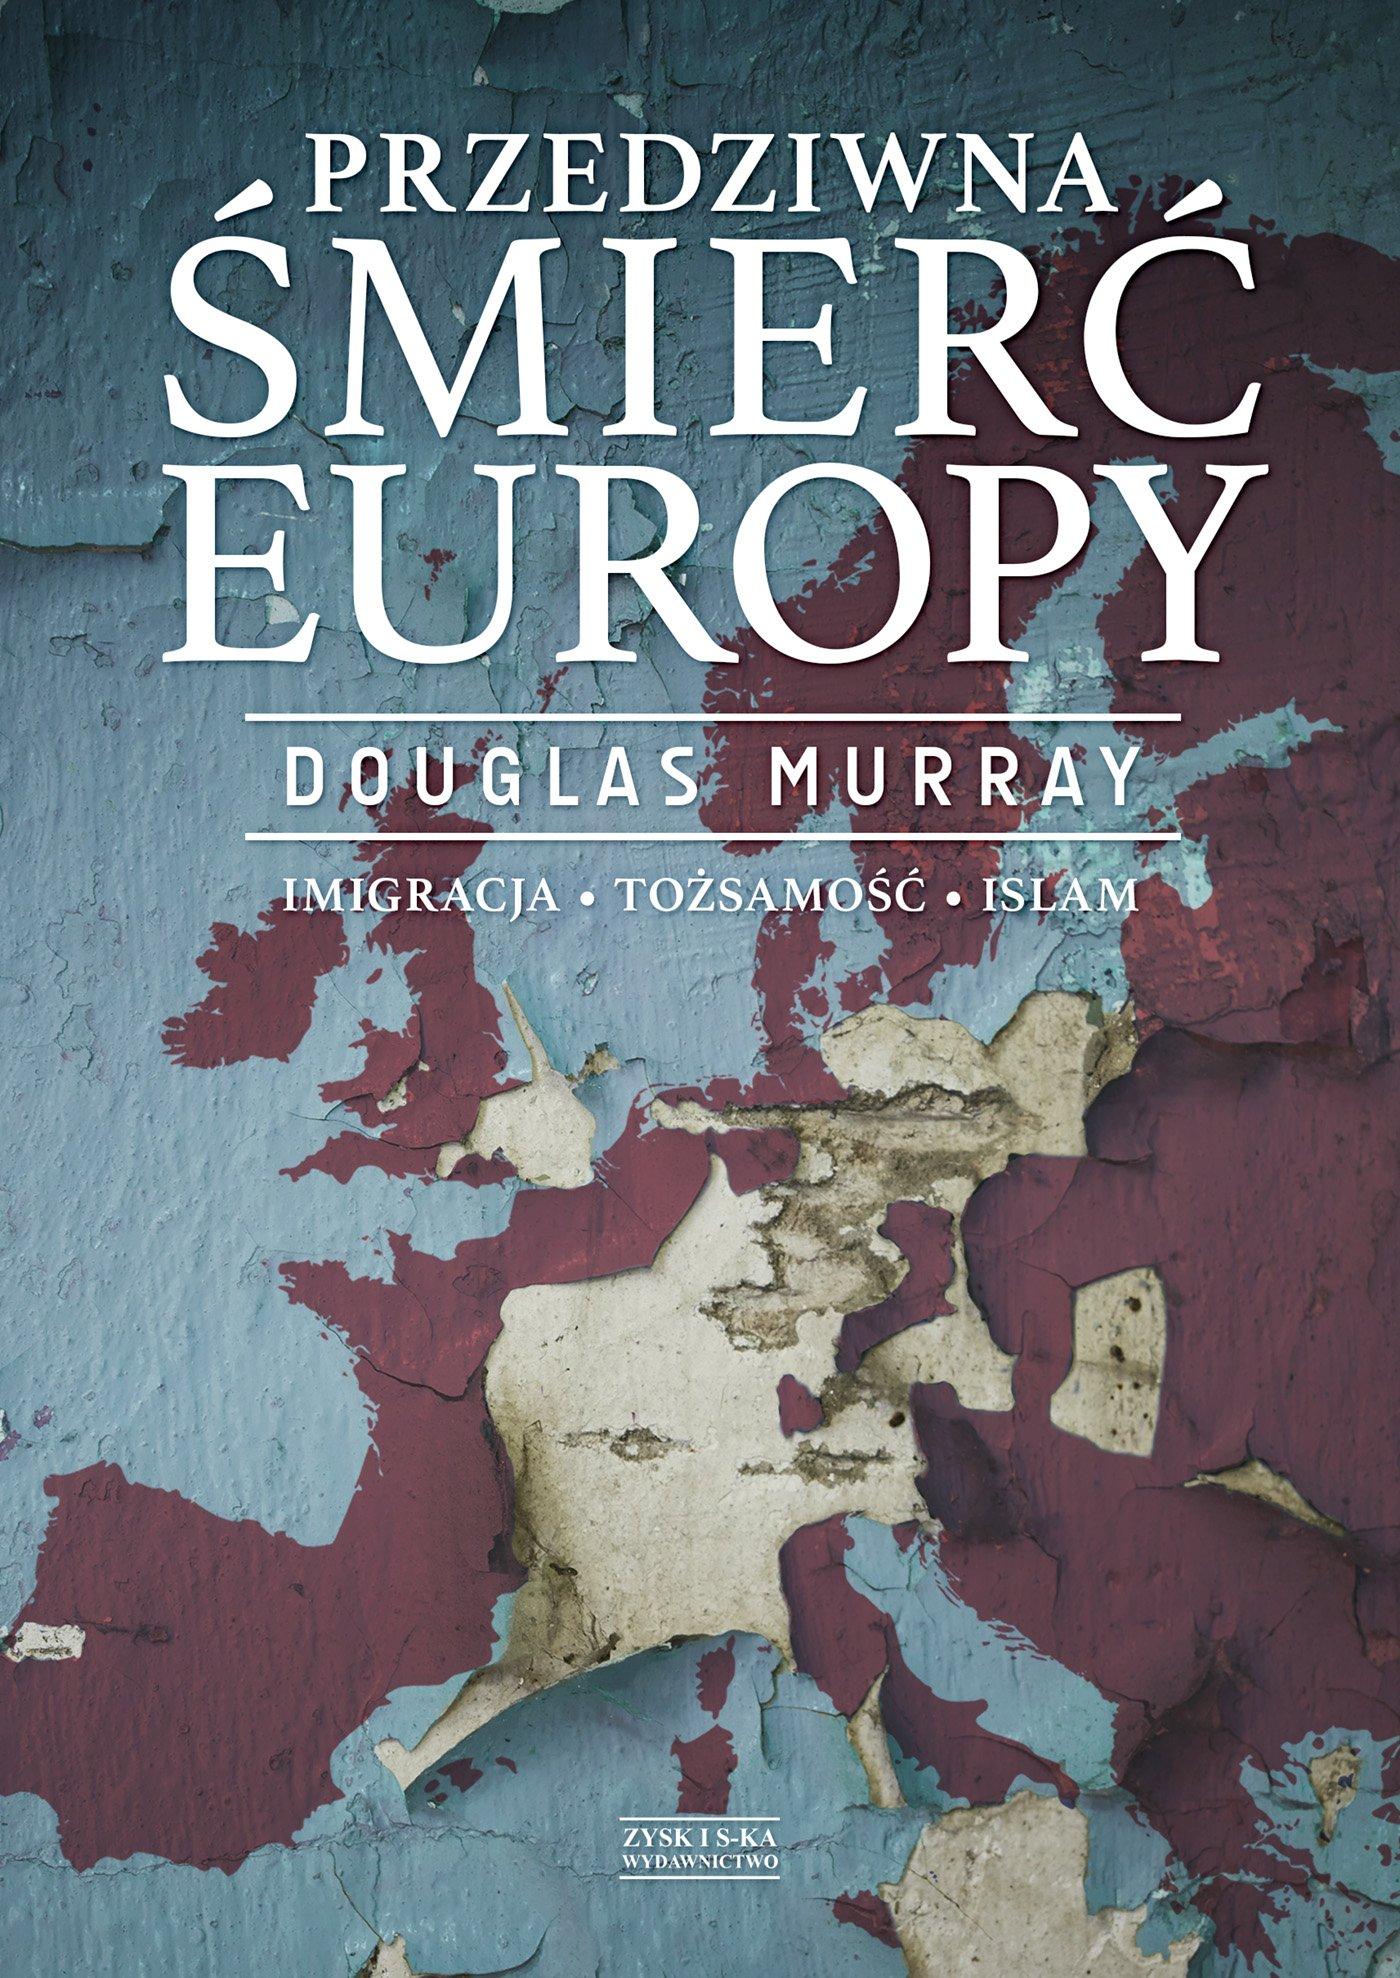 Przedziwna śmierć Europy - Ebook (Książka na Kindle) do pobrania w formacie MOBI